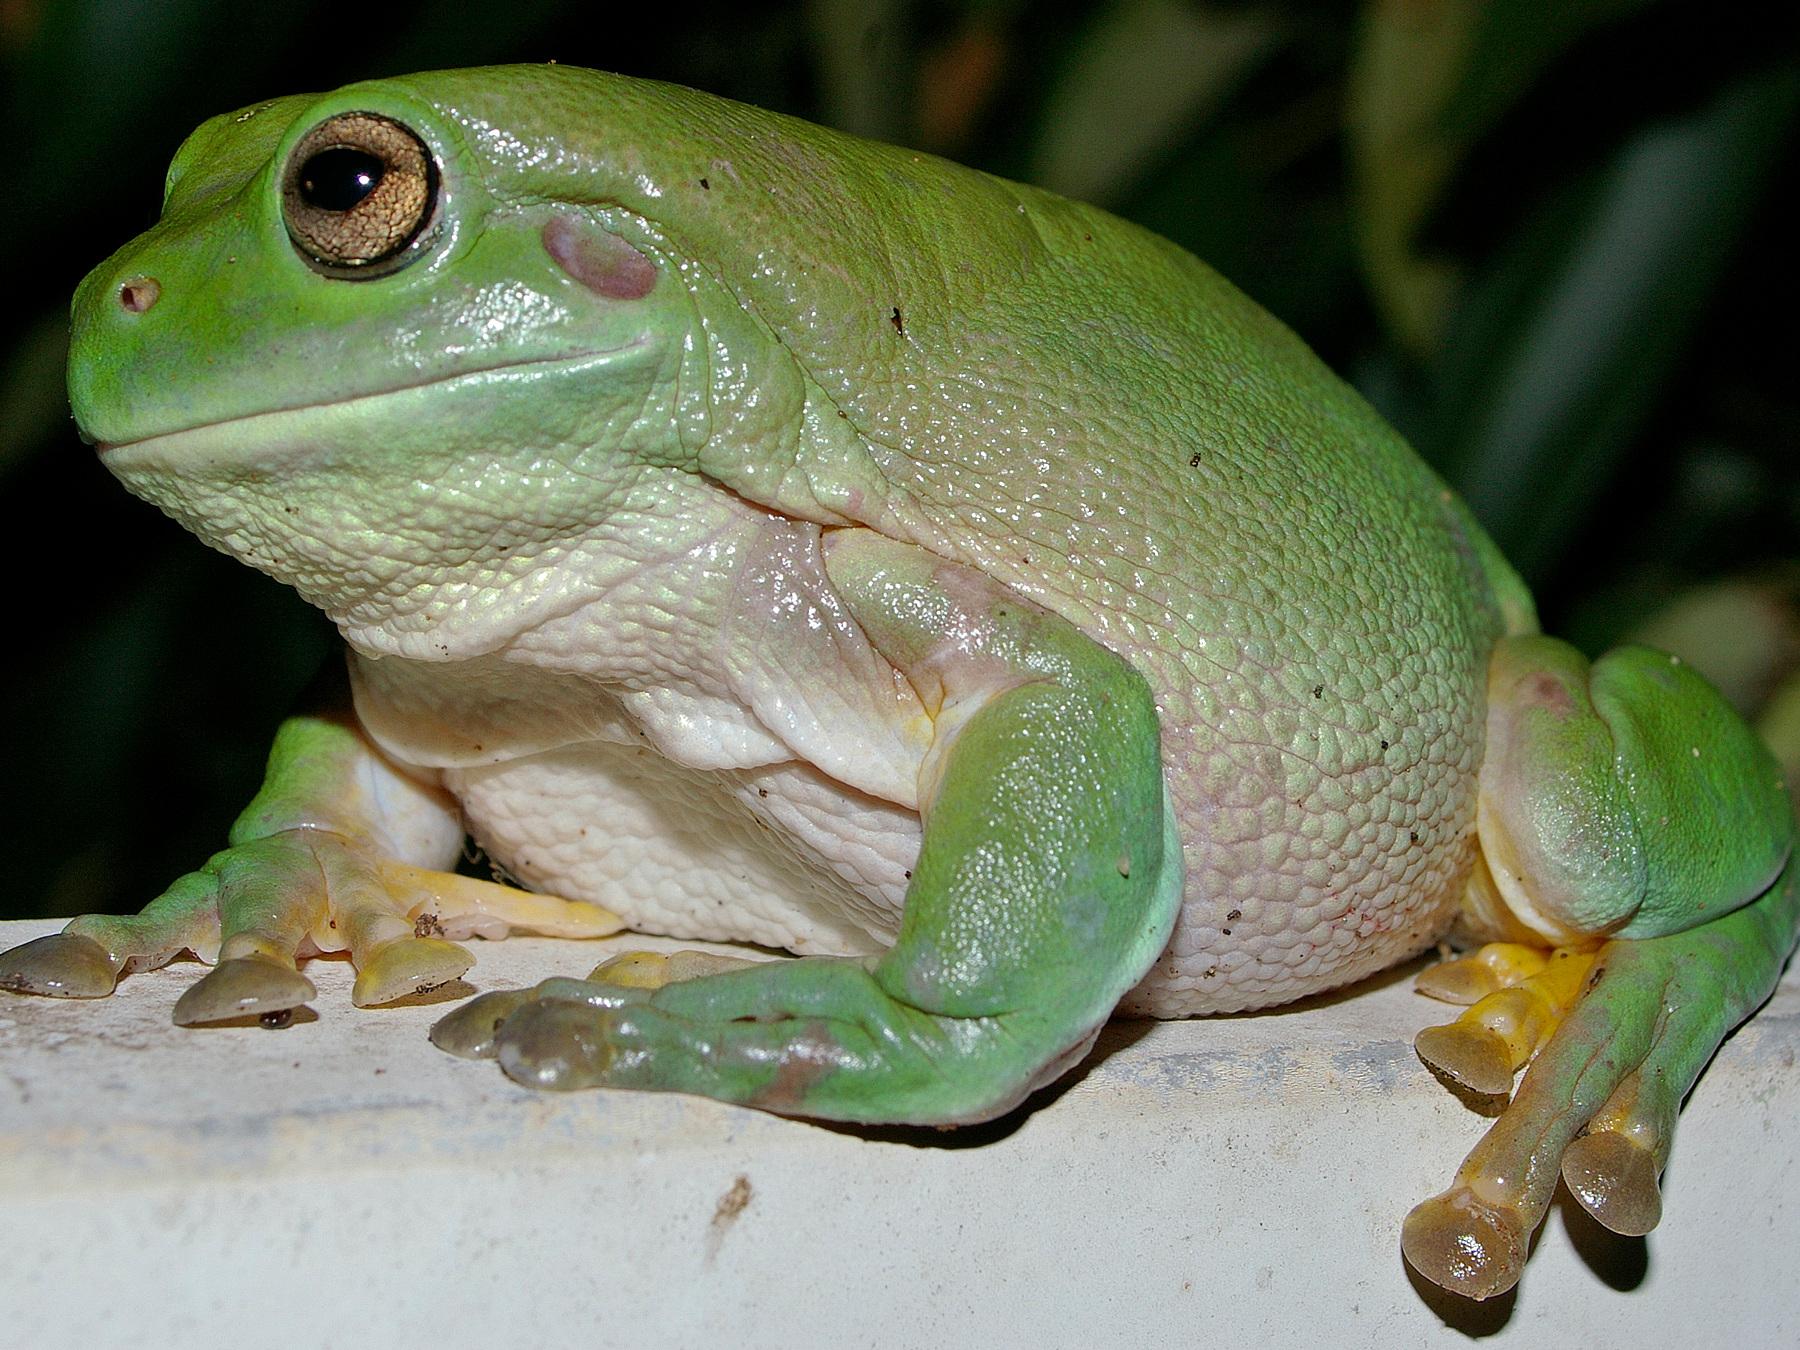 white u0027s dumpy tree frog care sheet u003e u003e amphibian care